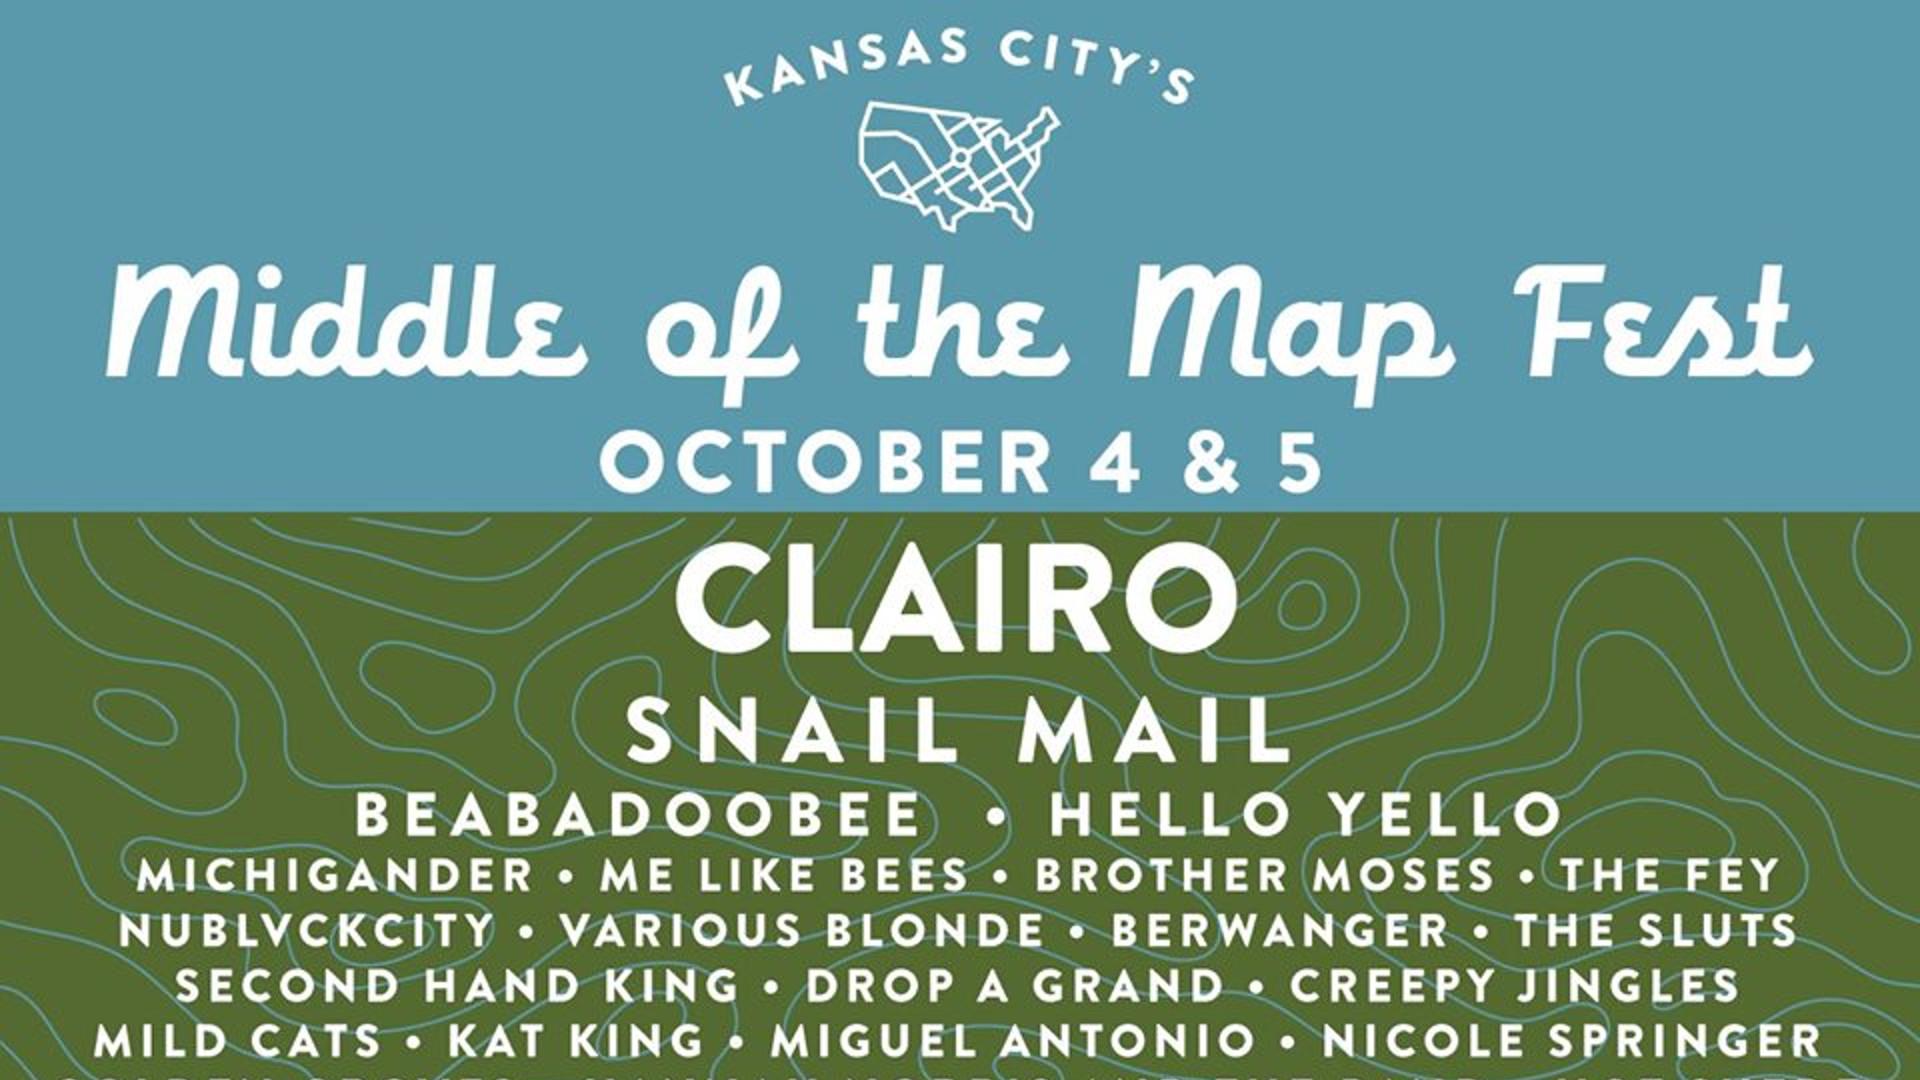 CrossroadsKC - Kansas City's Premier Outdoor Live Music Venue